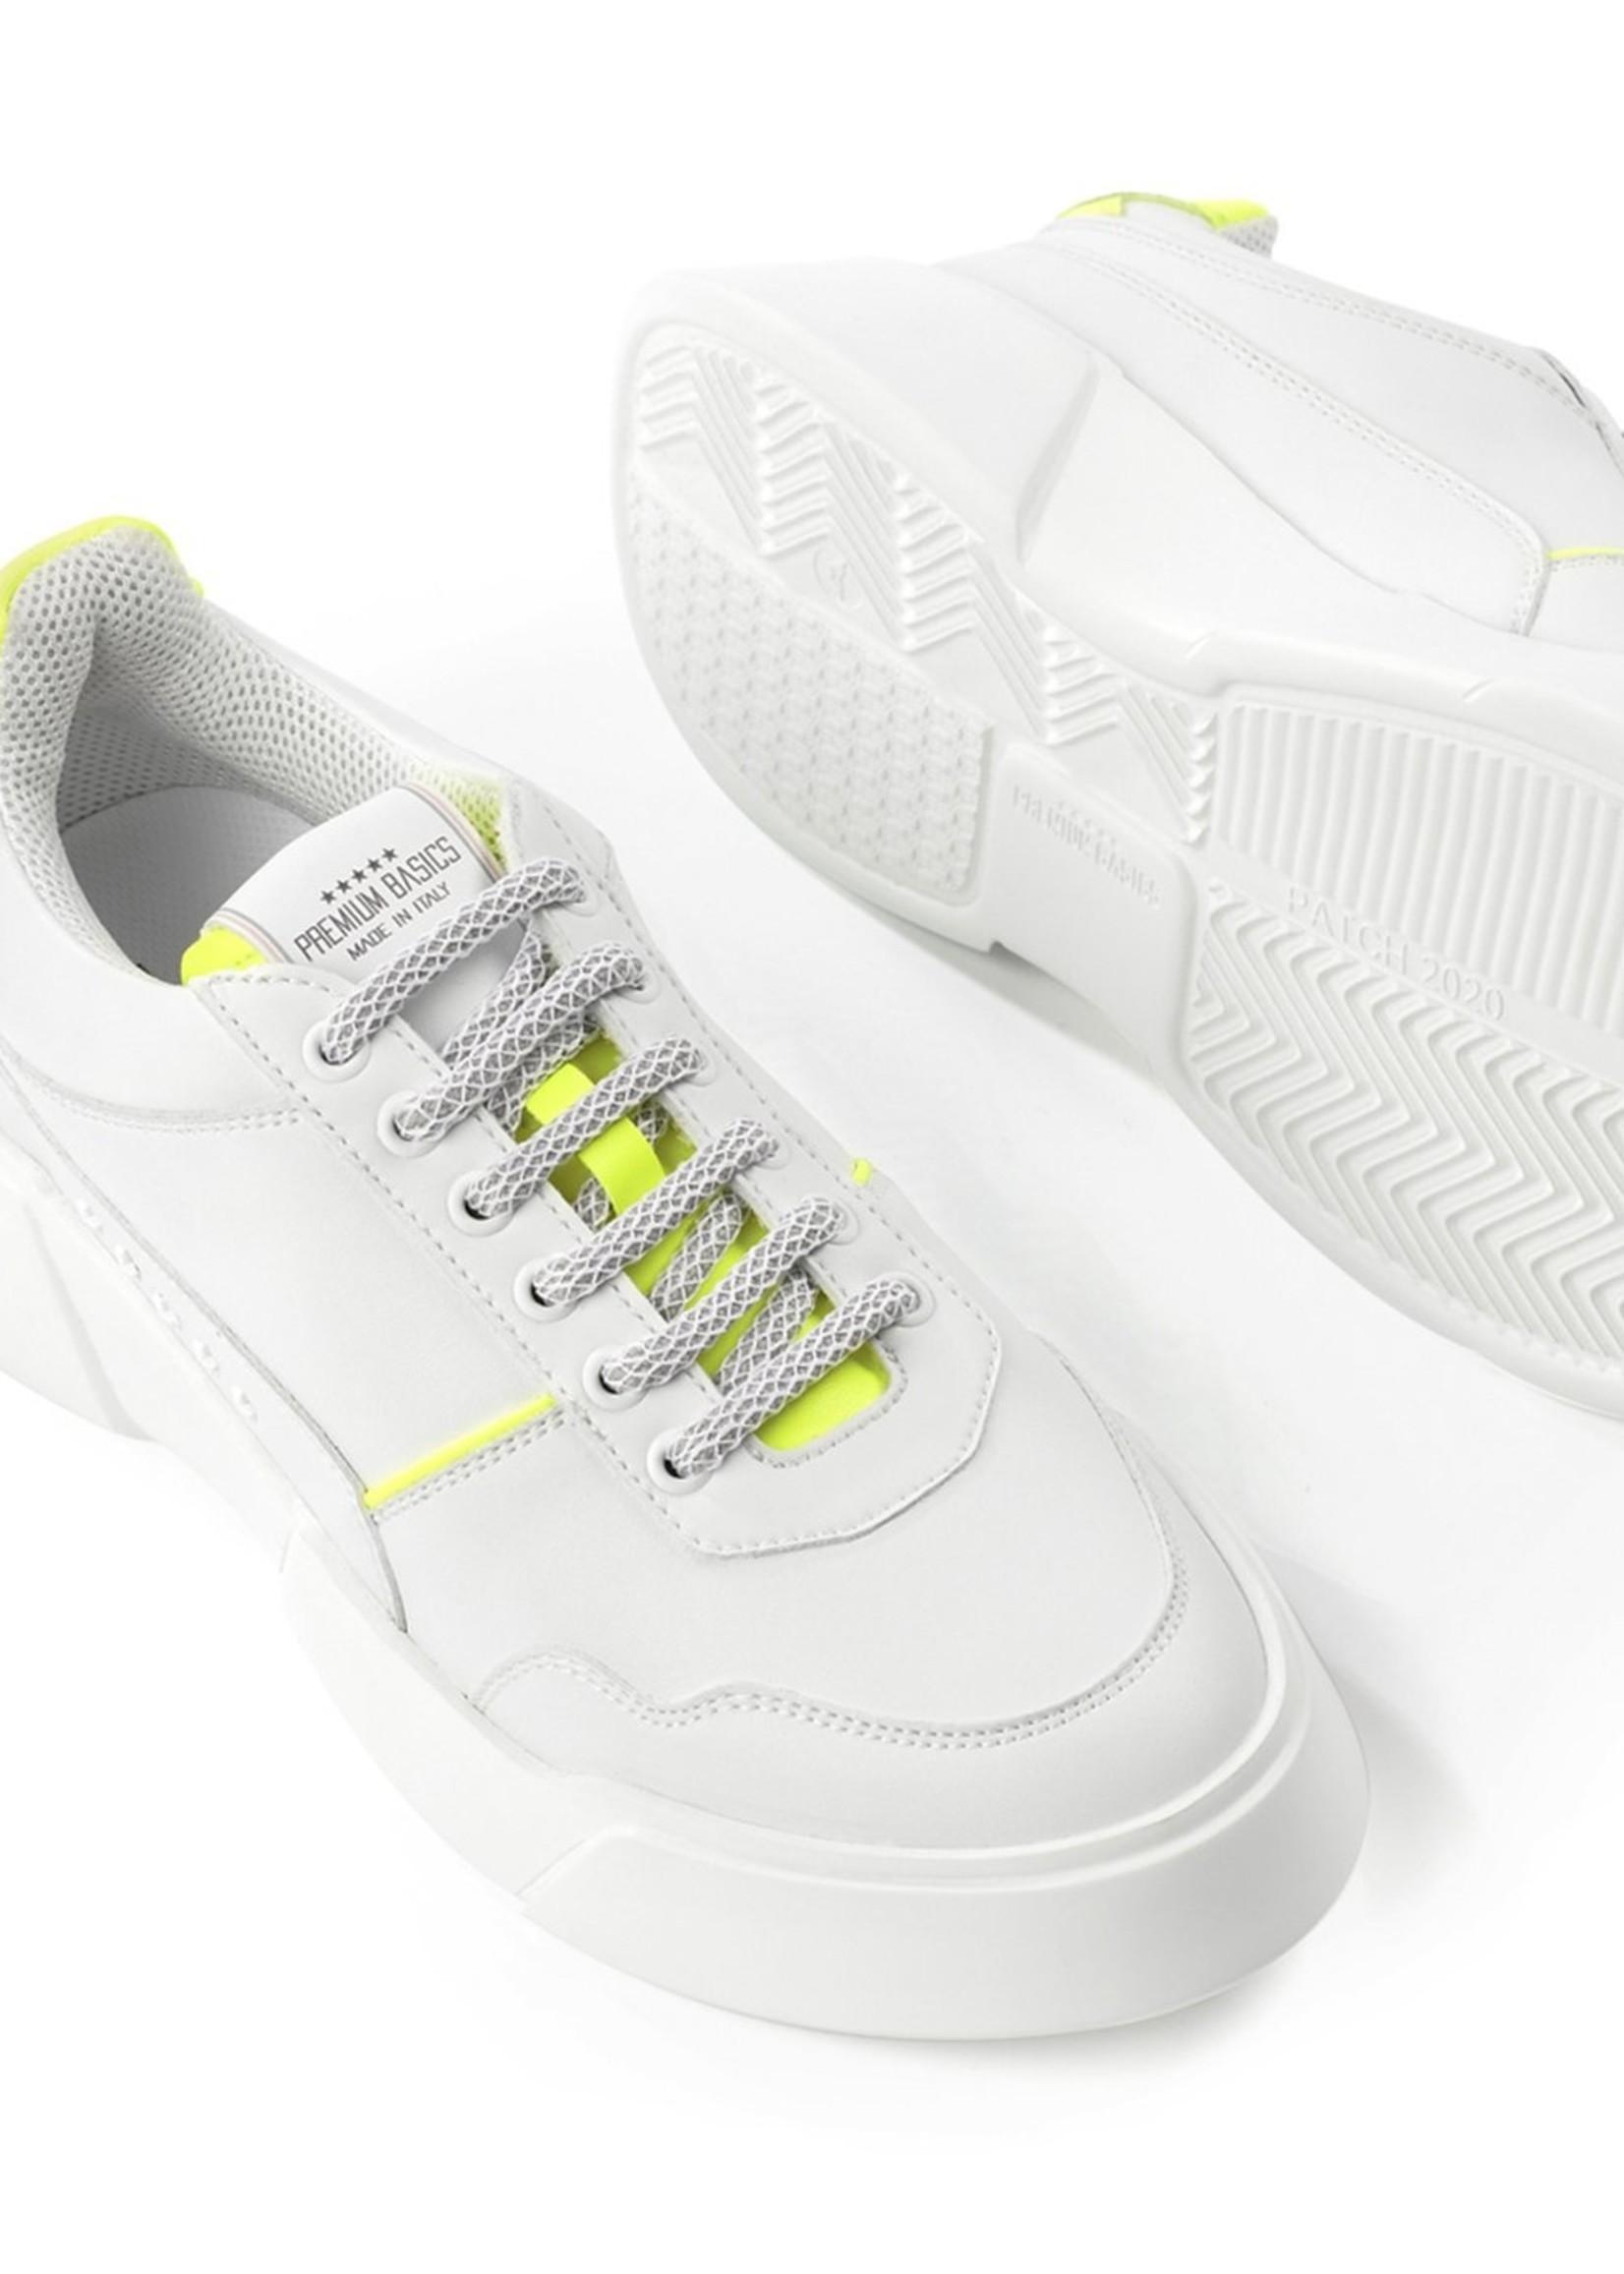 Premium Basics Premium basics sneaker neon fluo